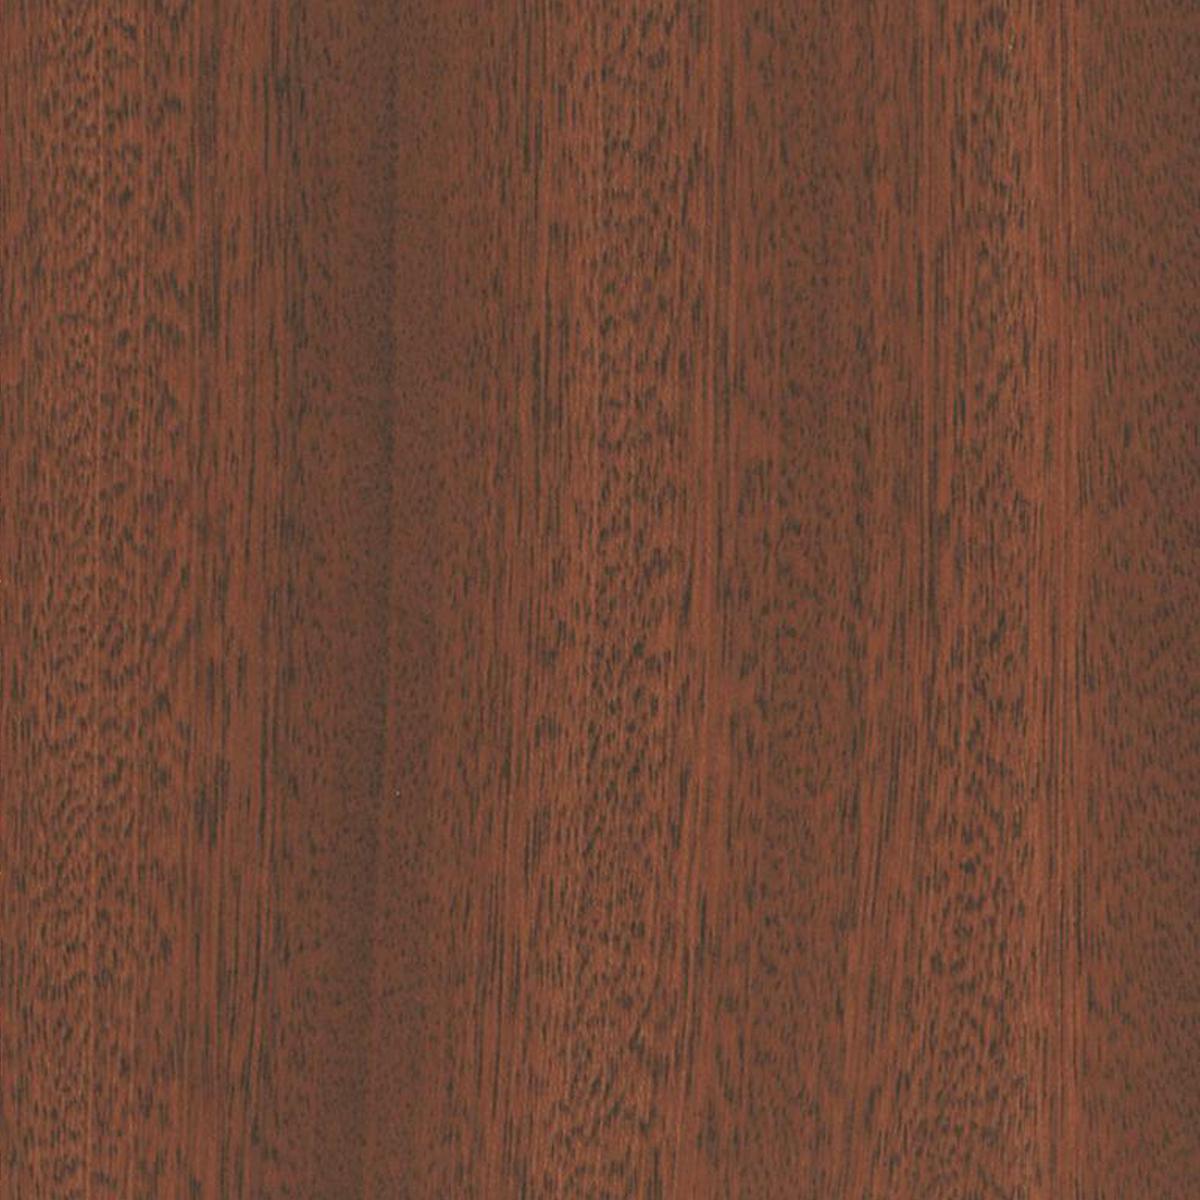 7583 Victorian Mahogany - Formica